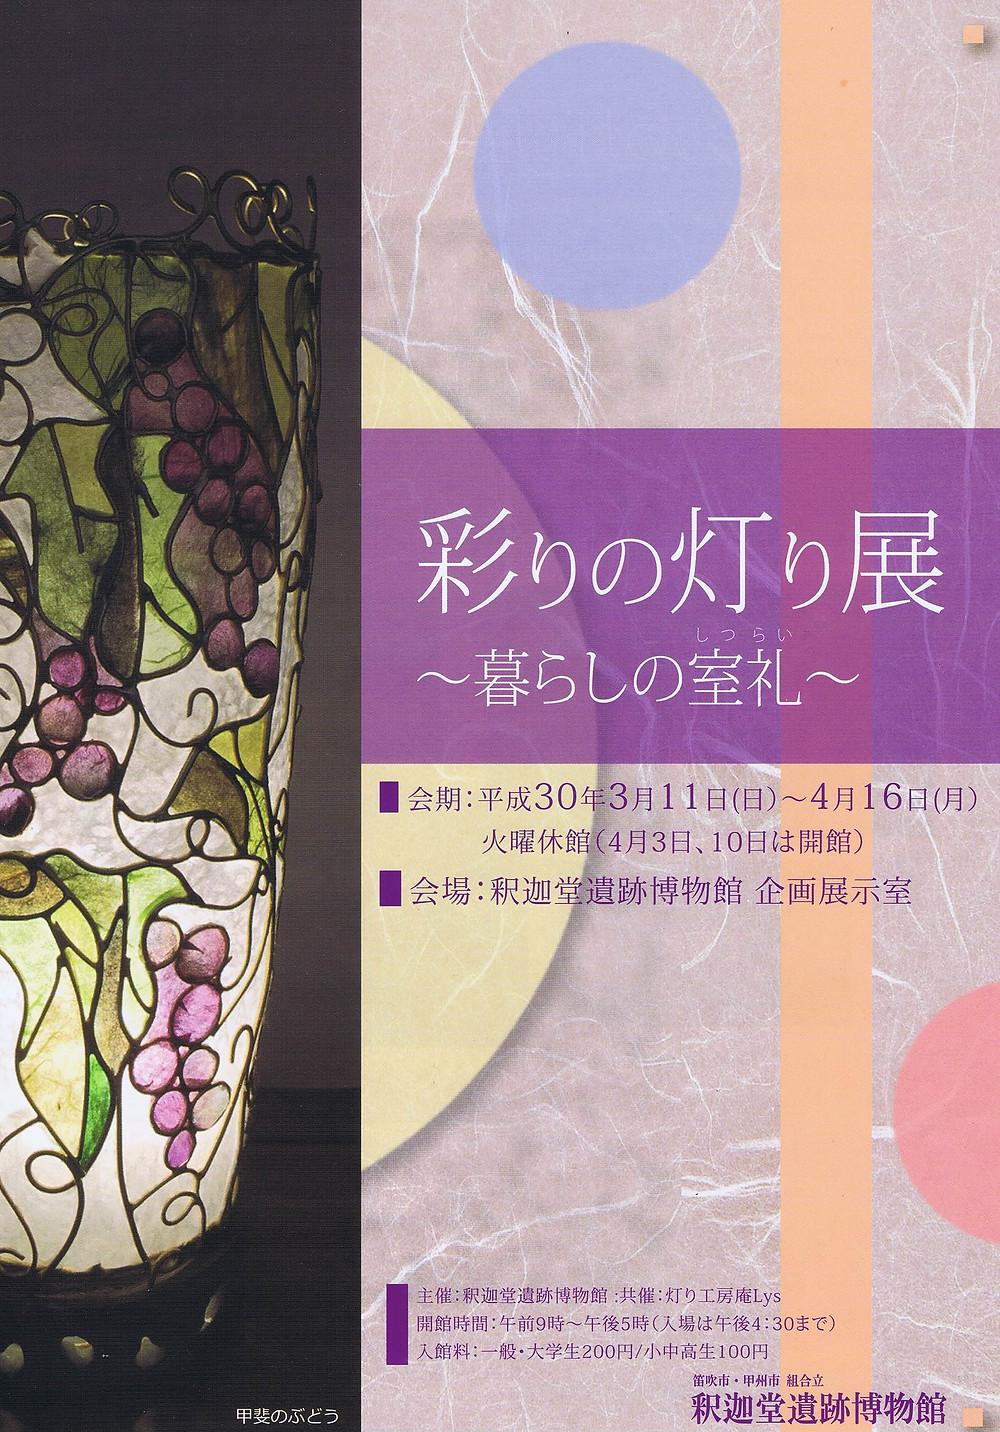 手作りライト教室 PAPERMOON(東京 自由が丘)